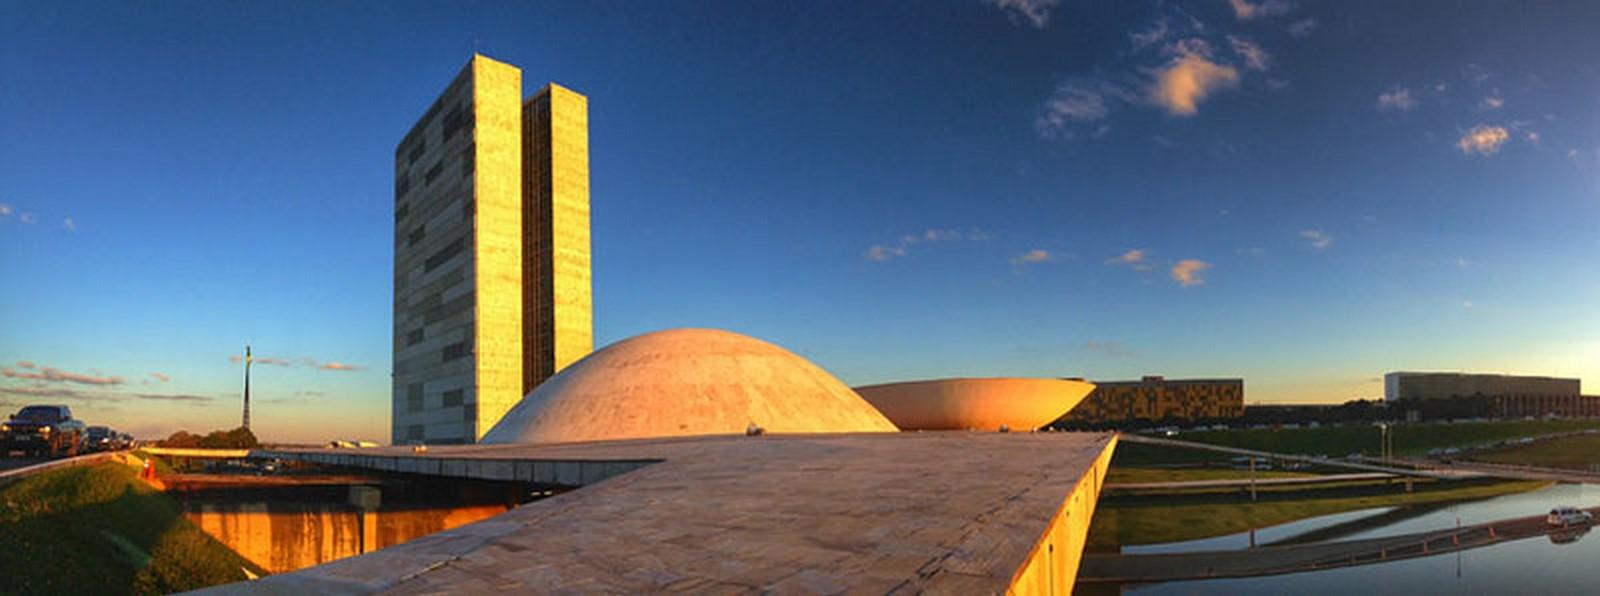 The National Congress of Brazil - Sheet1